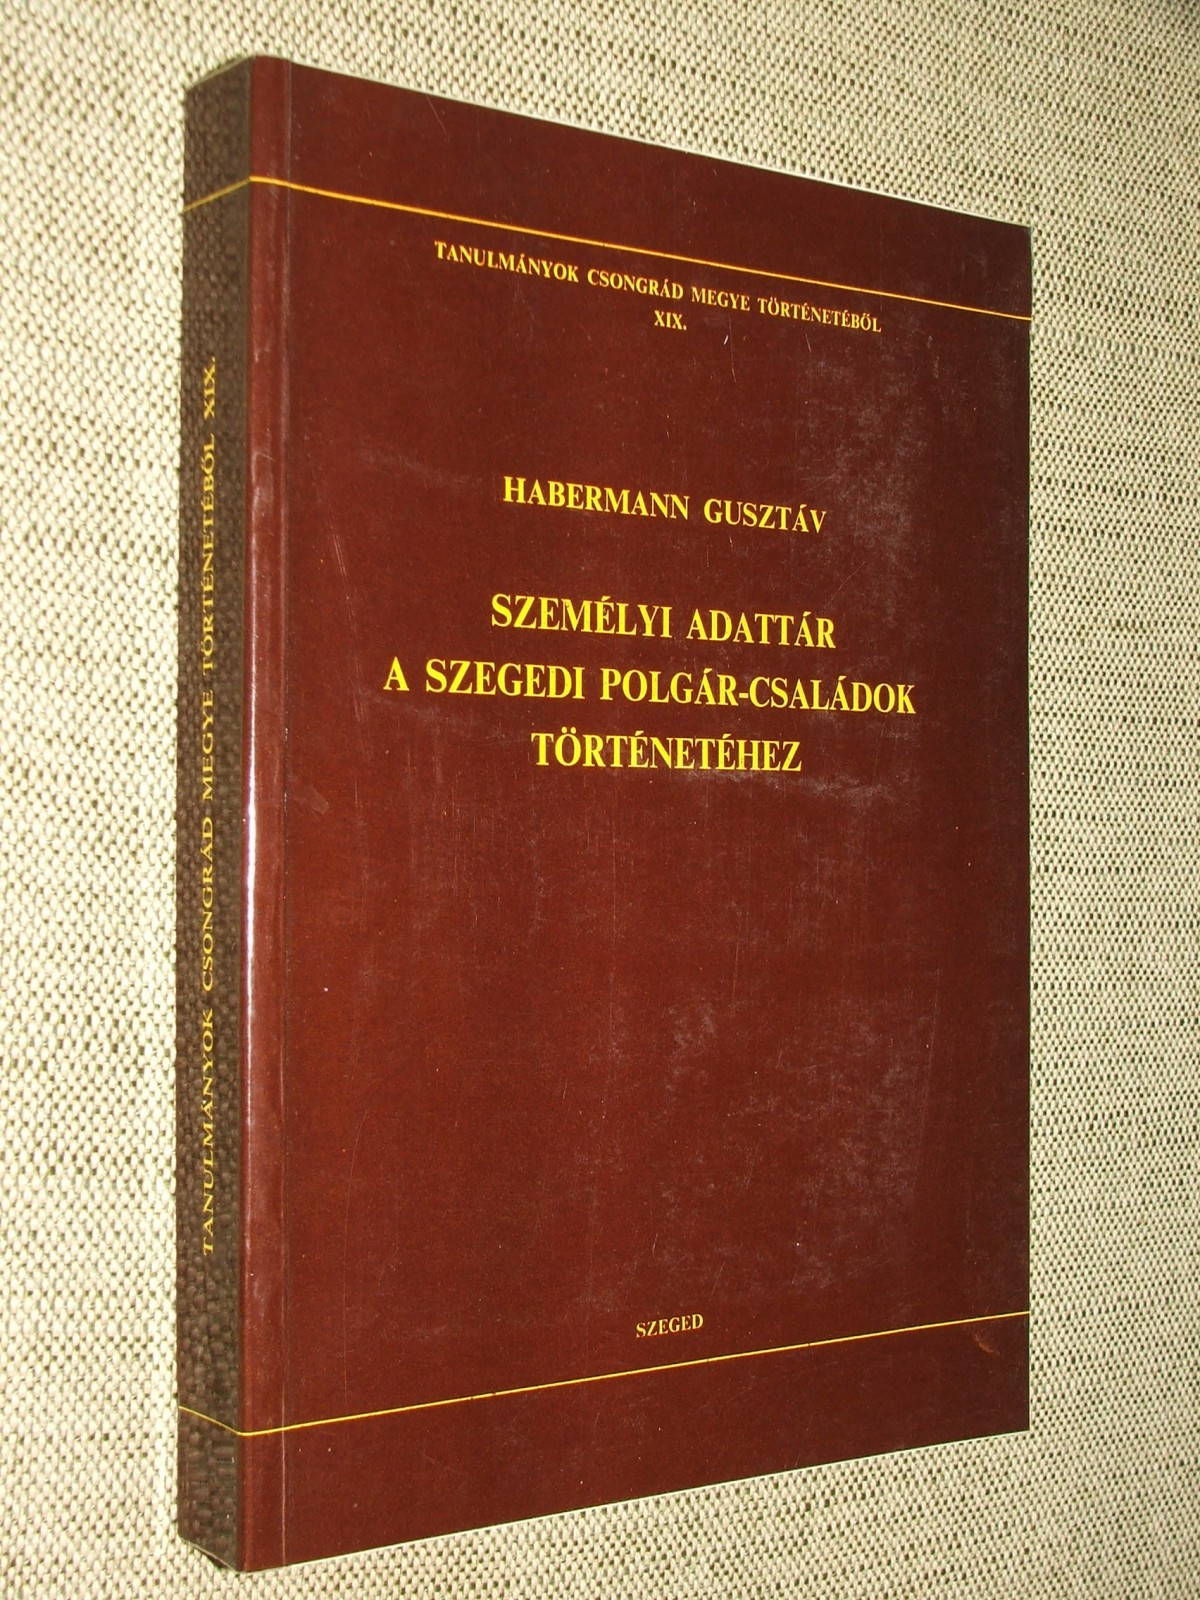 HABERMANN Gusztáv: Személyi adattár a szegedi polgár-családok történetéhez